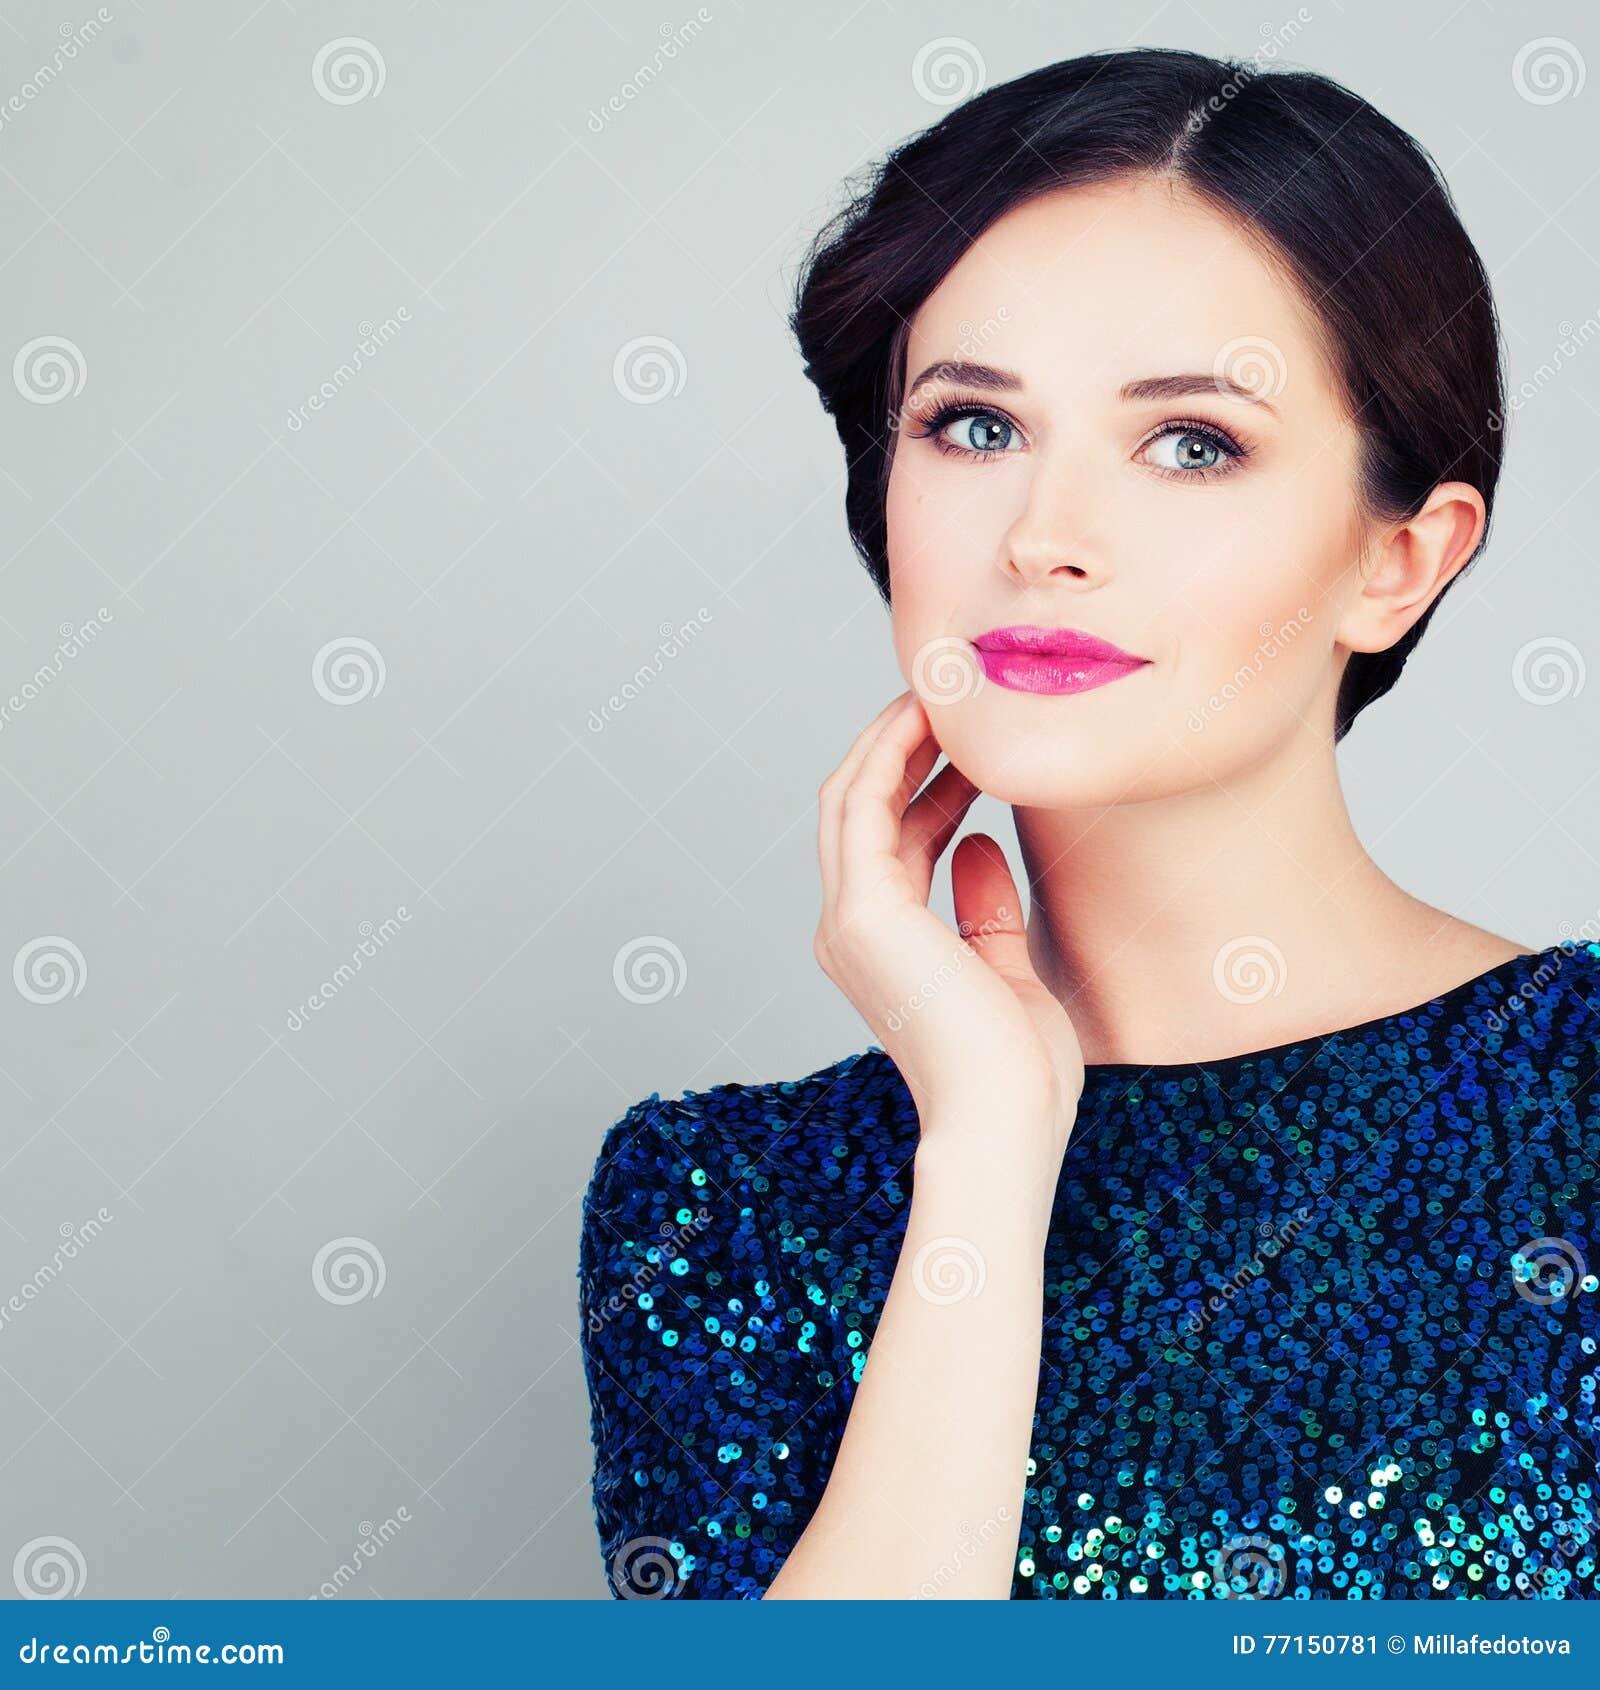 Jolie femme avec la peau claire et le maquillage